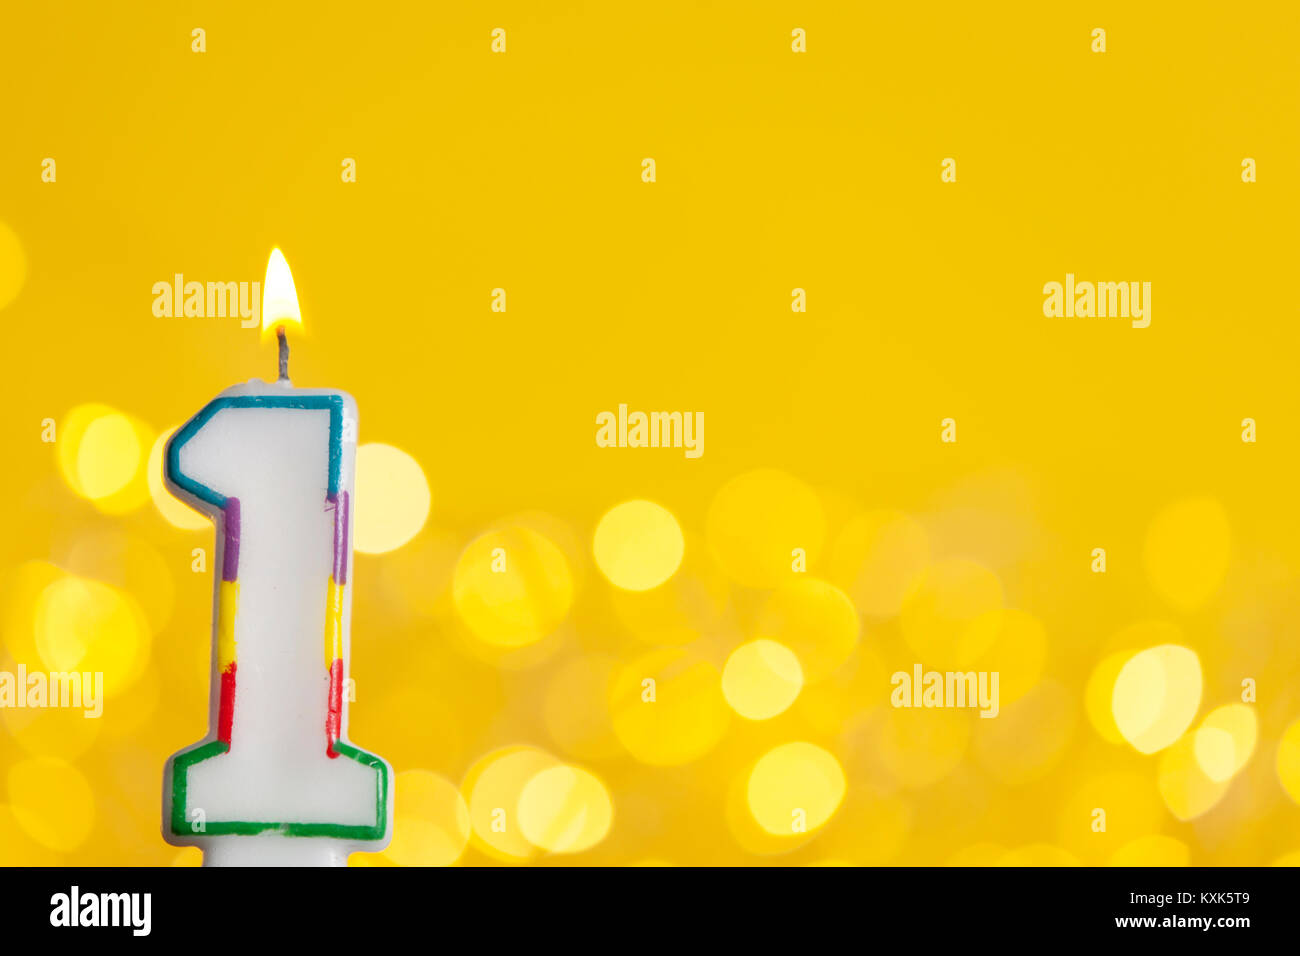 Nummer 1 Geburtstag Kerze Gegen Eine Helle Lichter Und Gelbem